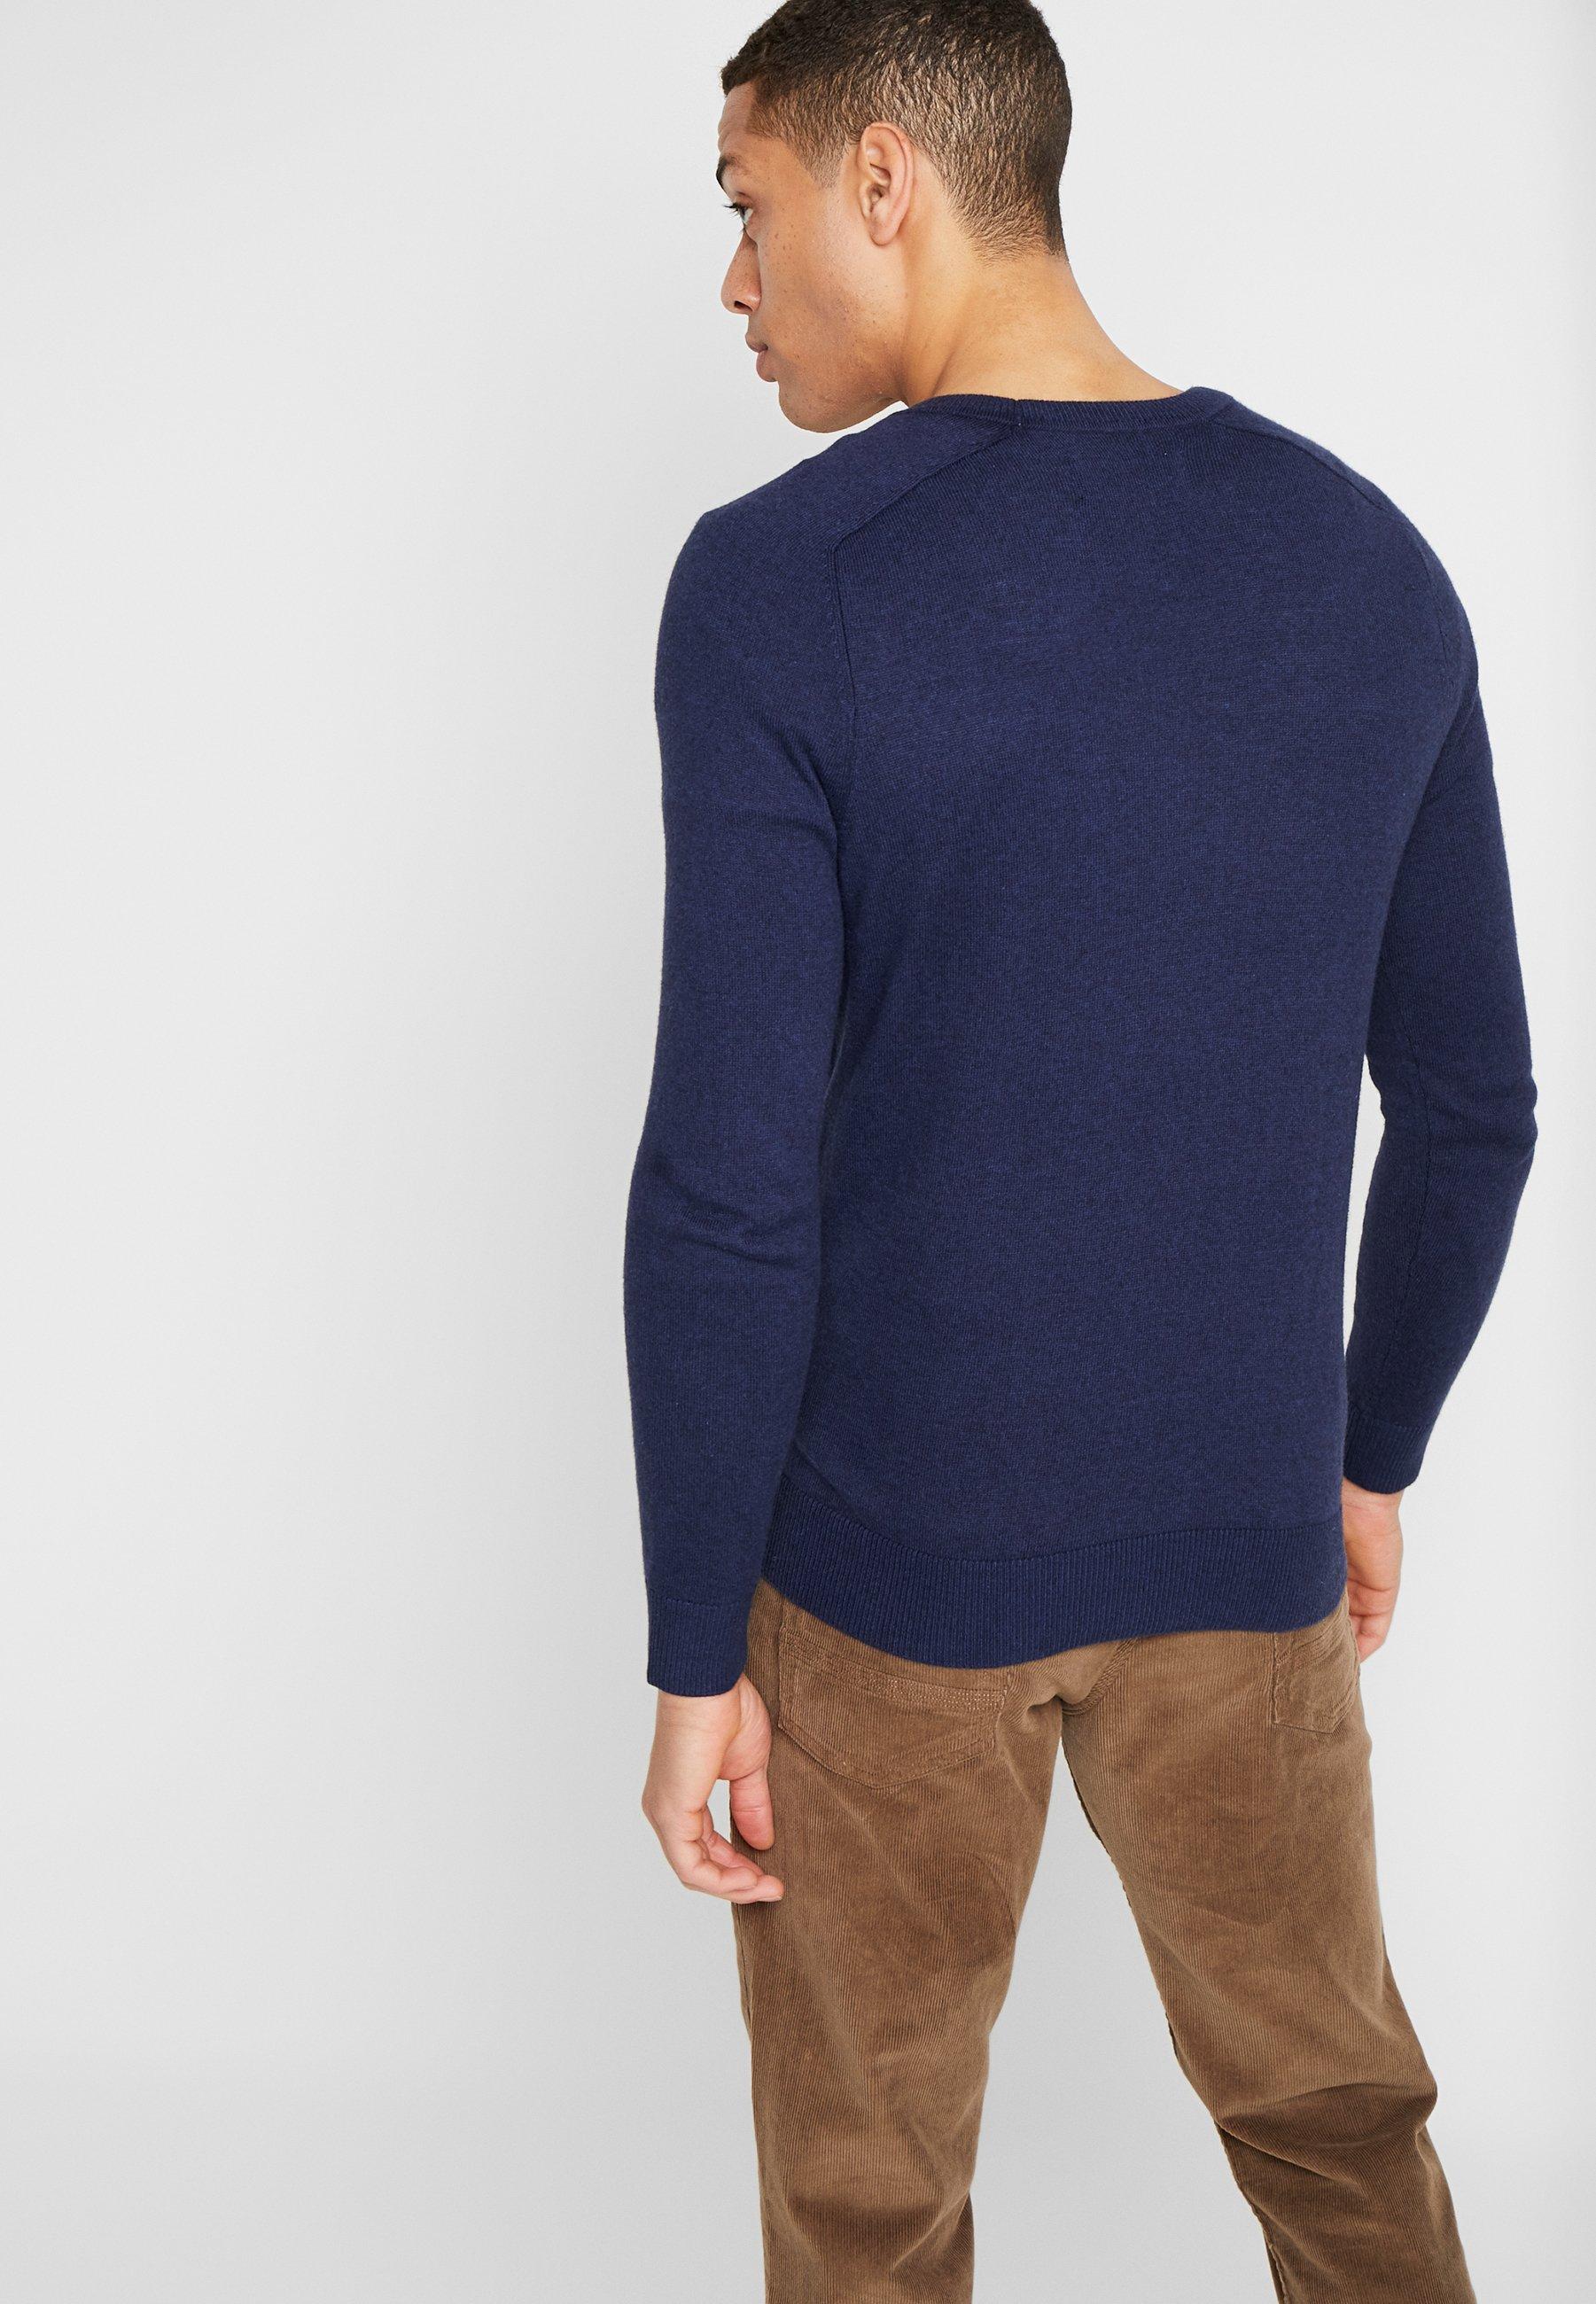 Abercrombie & Fitch CORE ICON CREW - Stickad tröja - navy - Herrkläder Rabatter